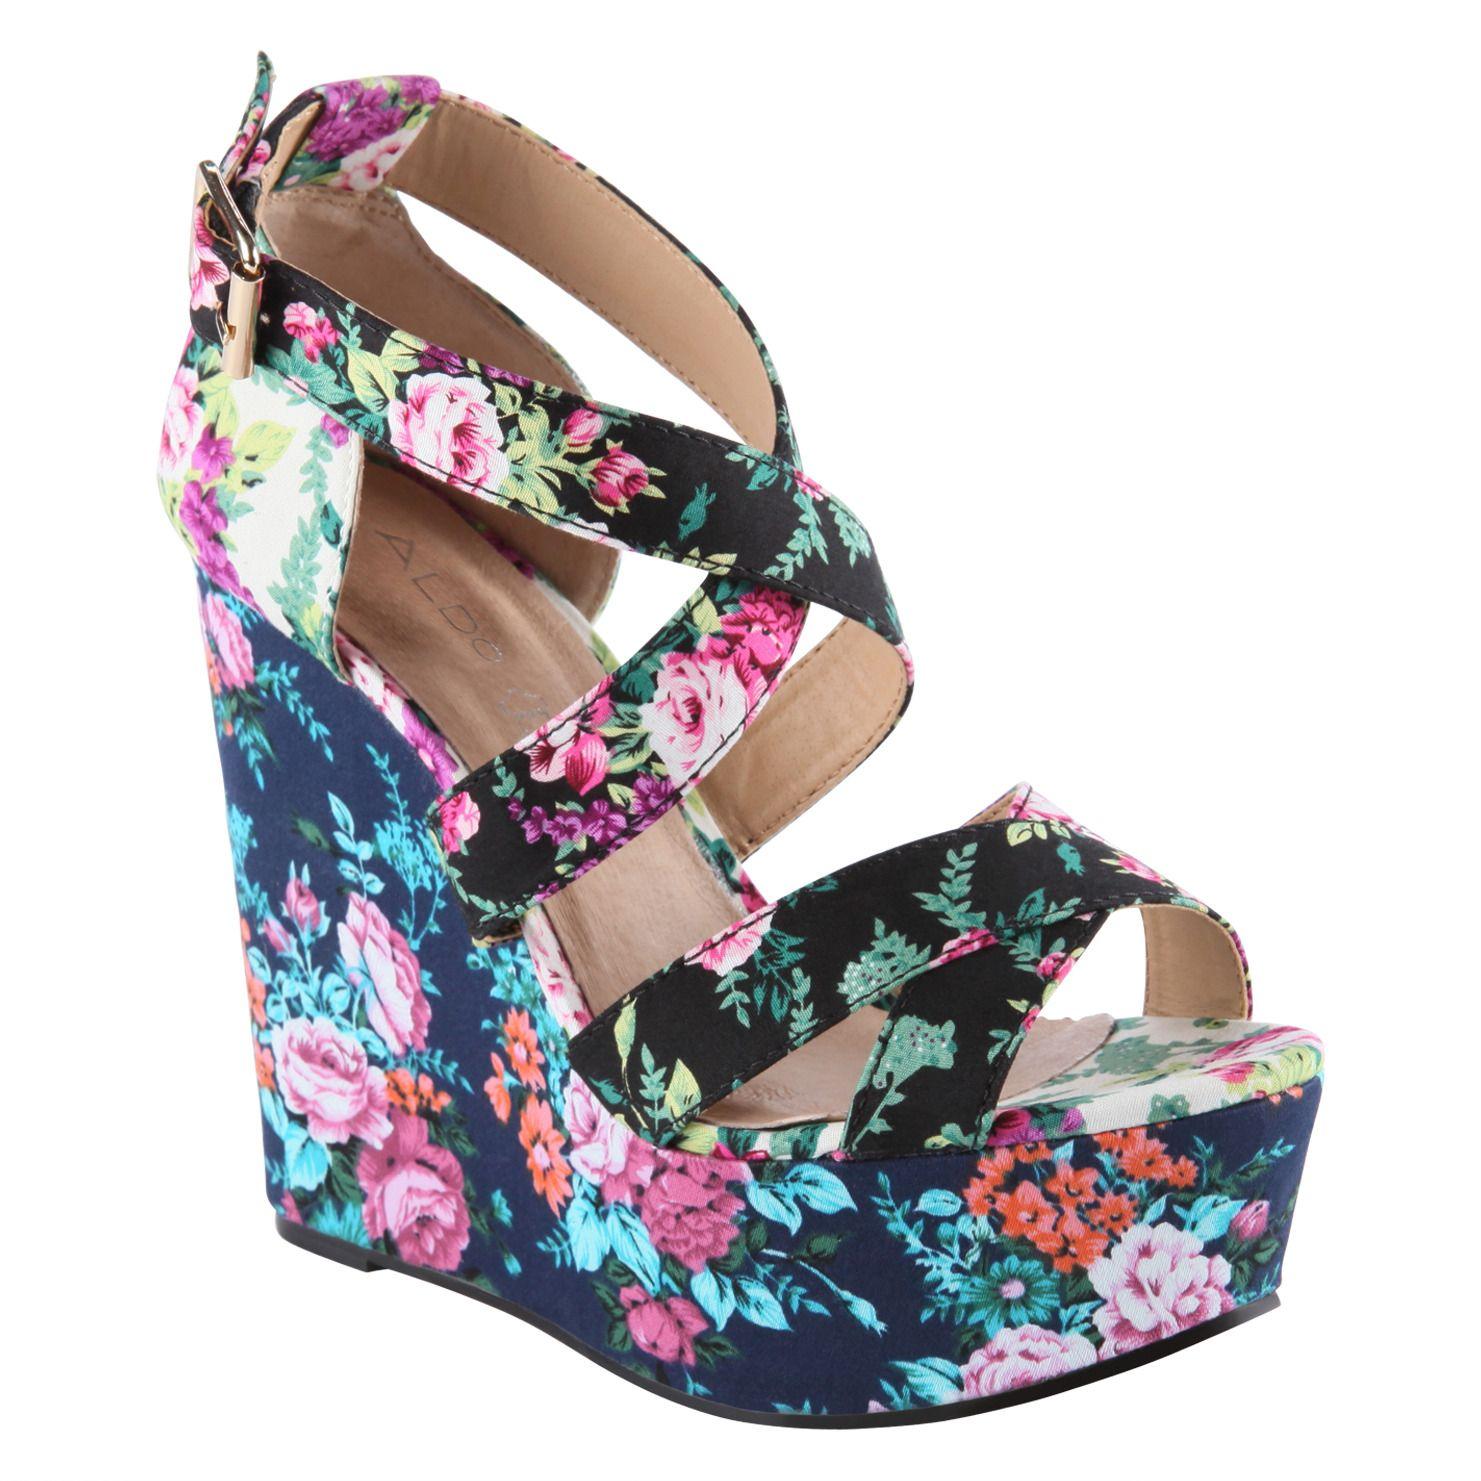 573a1cc40160 Florals on shoes. Aldo.